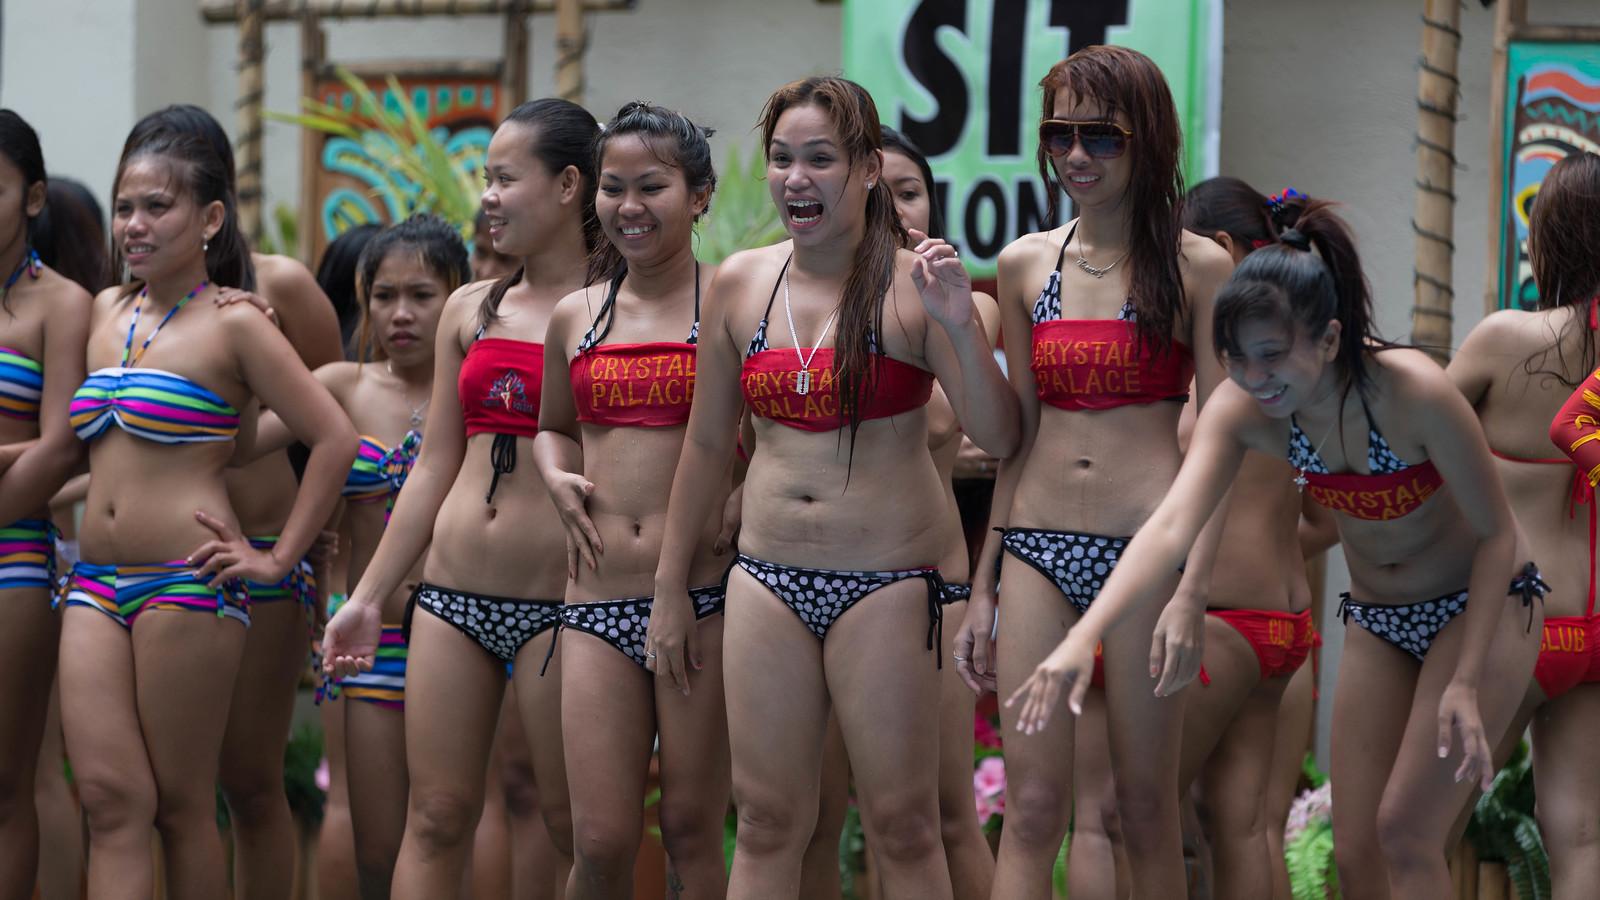 Filipino girl groups